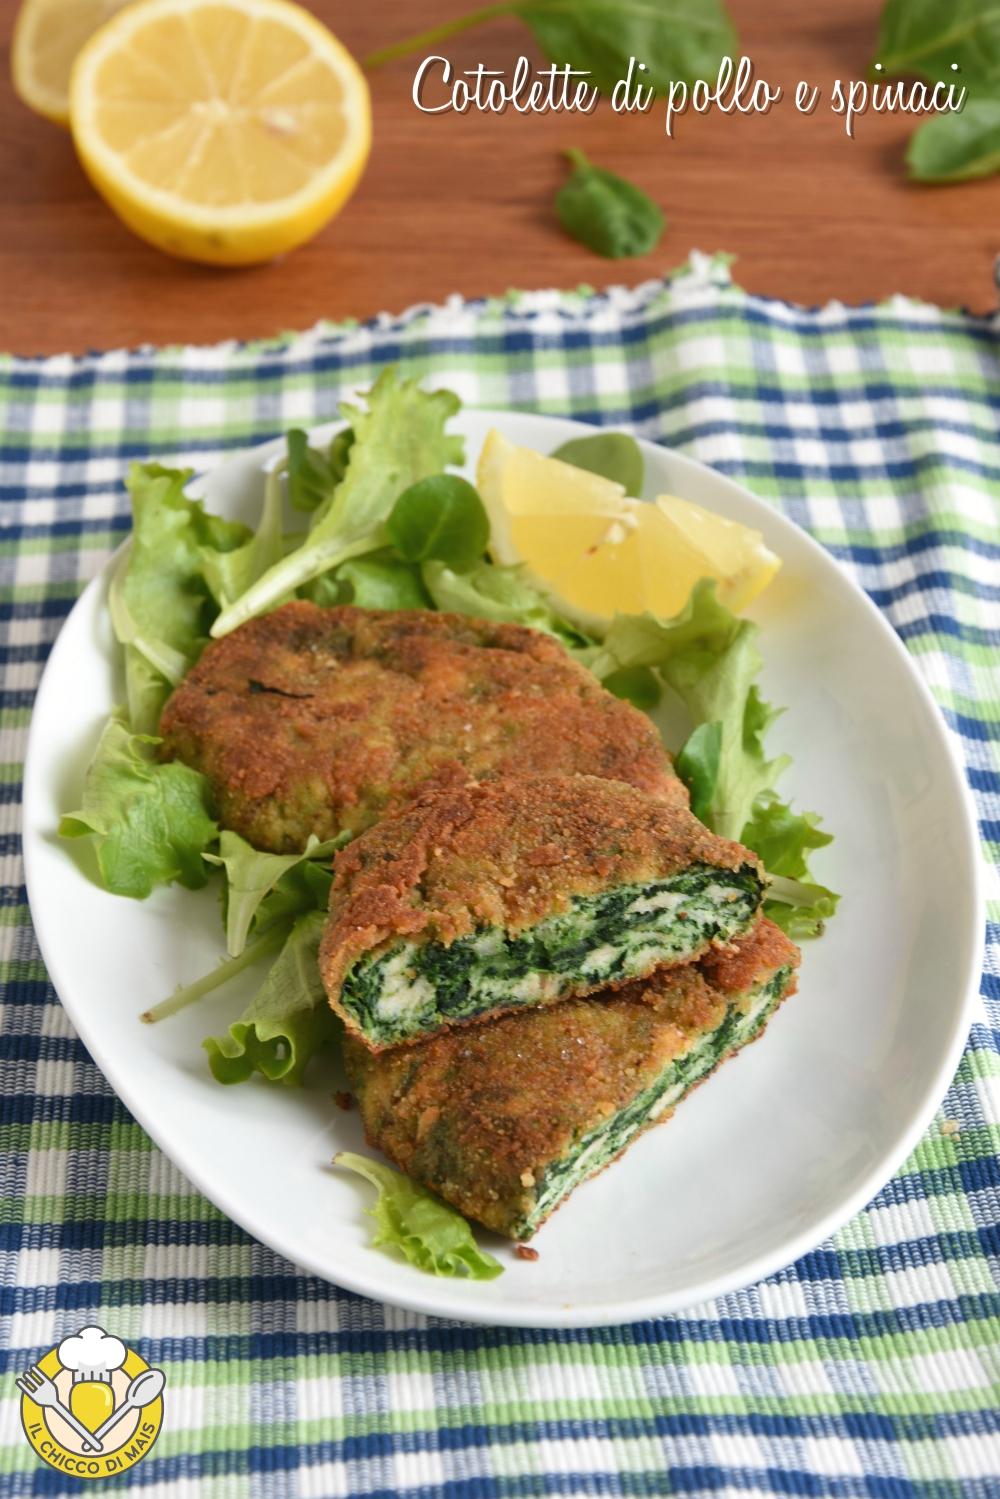 v_ cotolette di pollo e spinaci al forno o fritte ricetta passo passo facile il chicco di mais